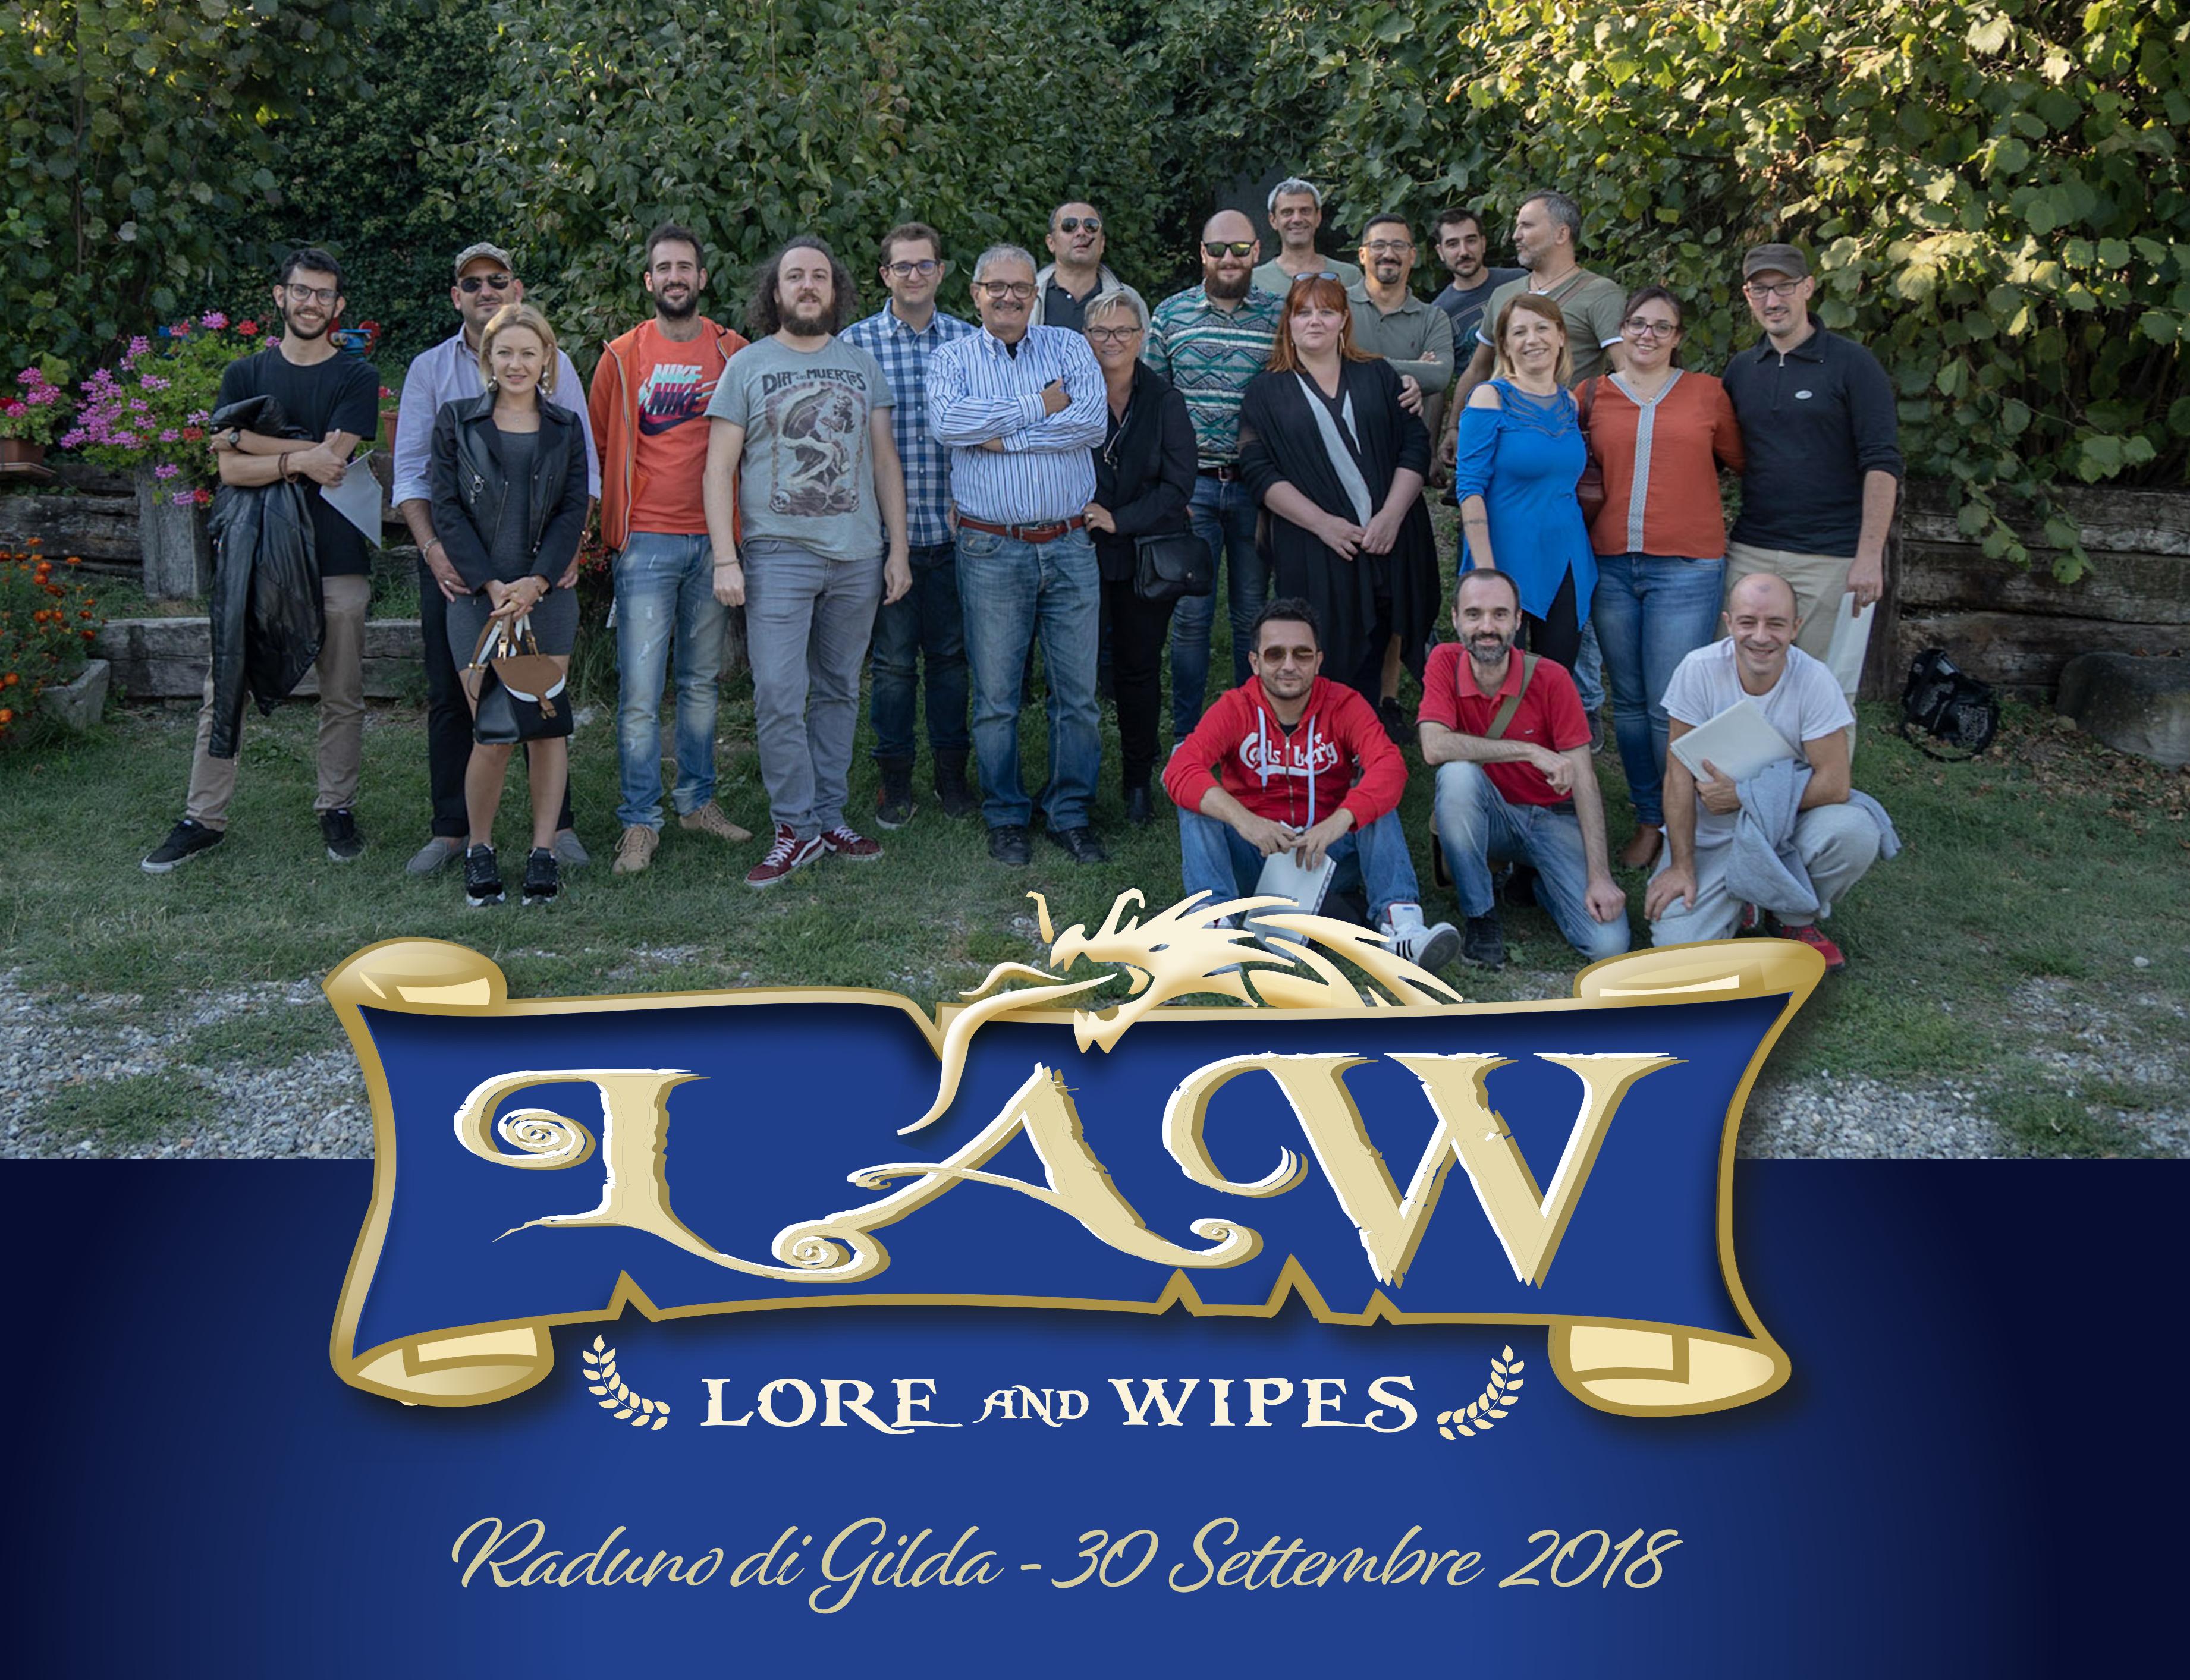 Law La Gilda Social Su Pozzo Law Guild